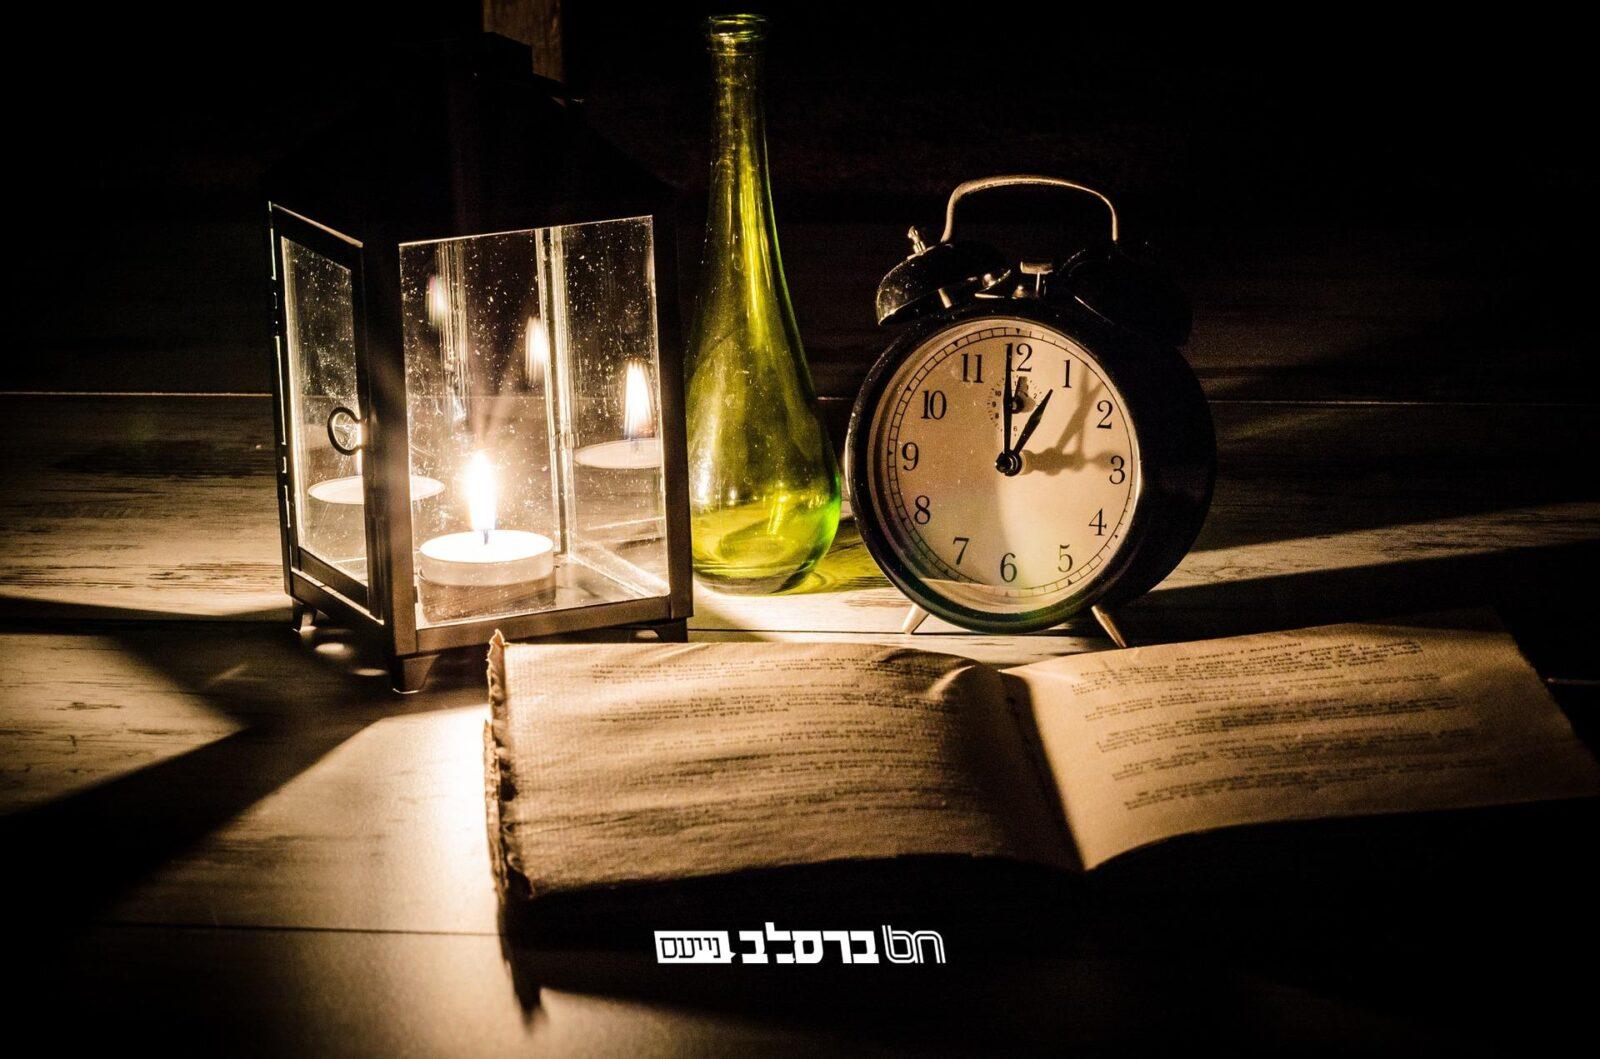 """לוח שנה מפואר בקהילת חסידי ברסלב """"קרן אור"""" עם זמני היום והלימודים • לצפייה ולהורדה"""